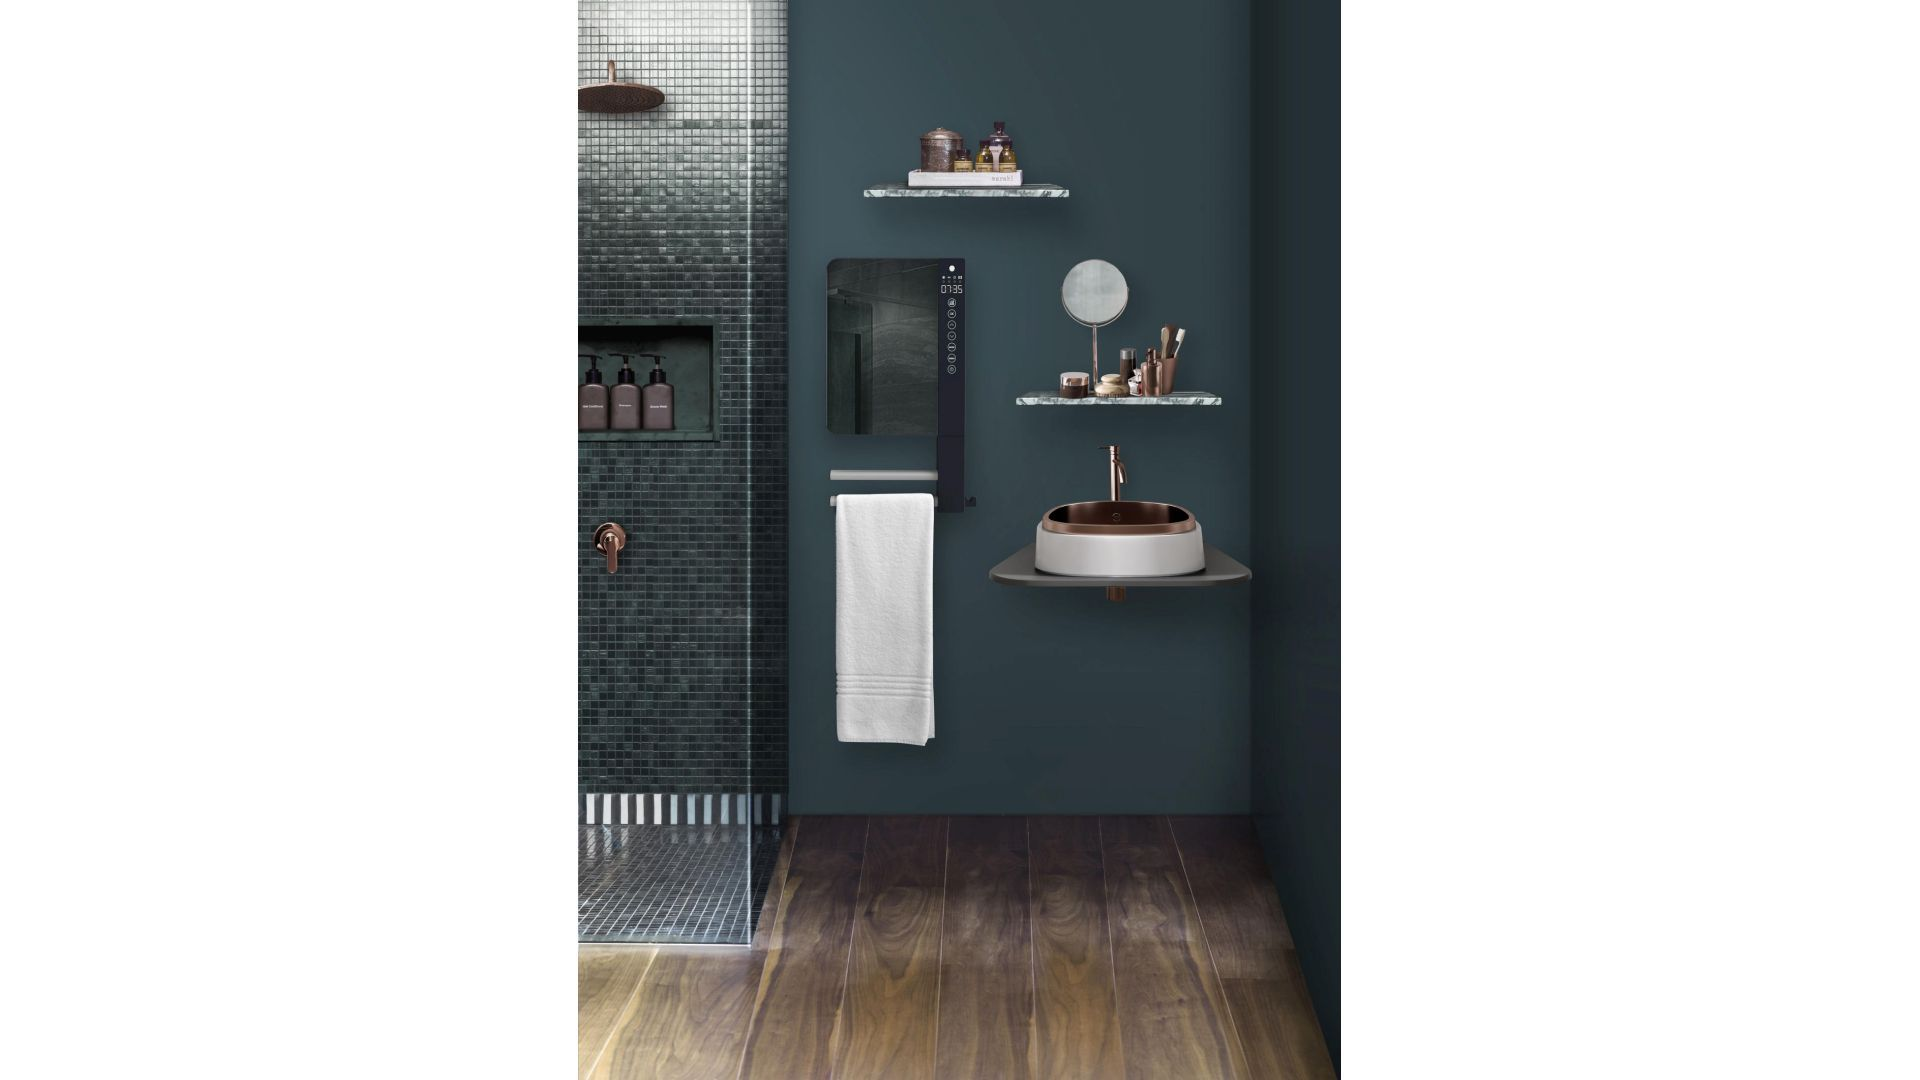 Grzejnik łazienkowy Telia, model Mirror. Fot. Telia